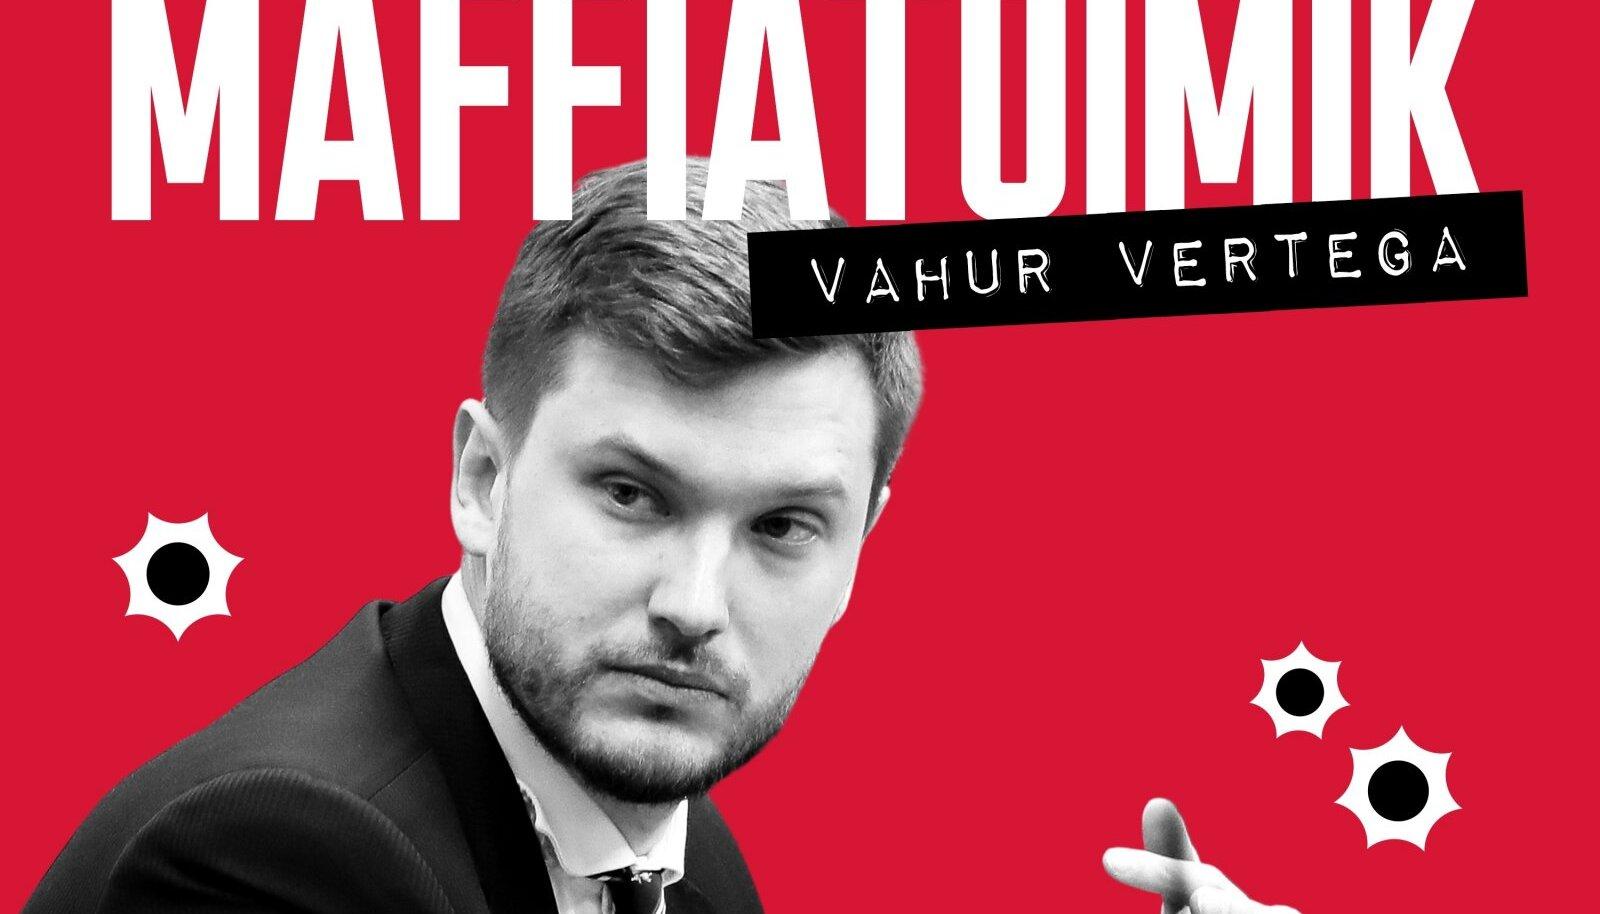 Riigiprokurör Vahur Verte.